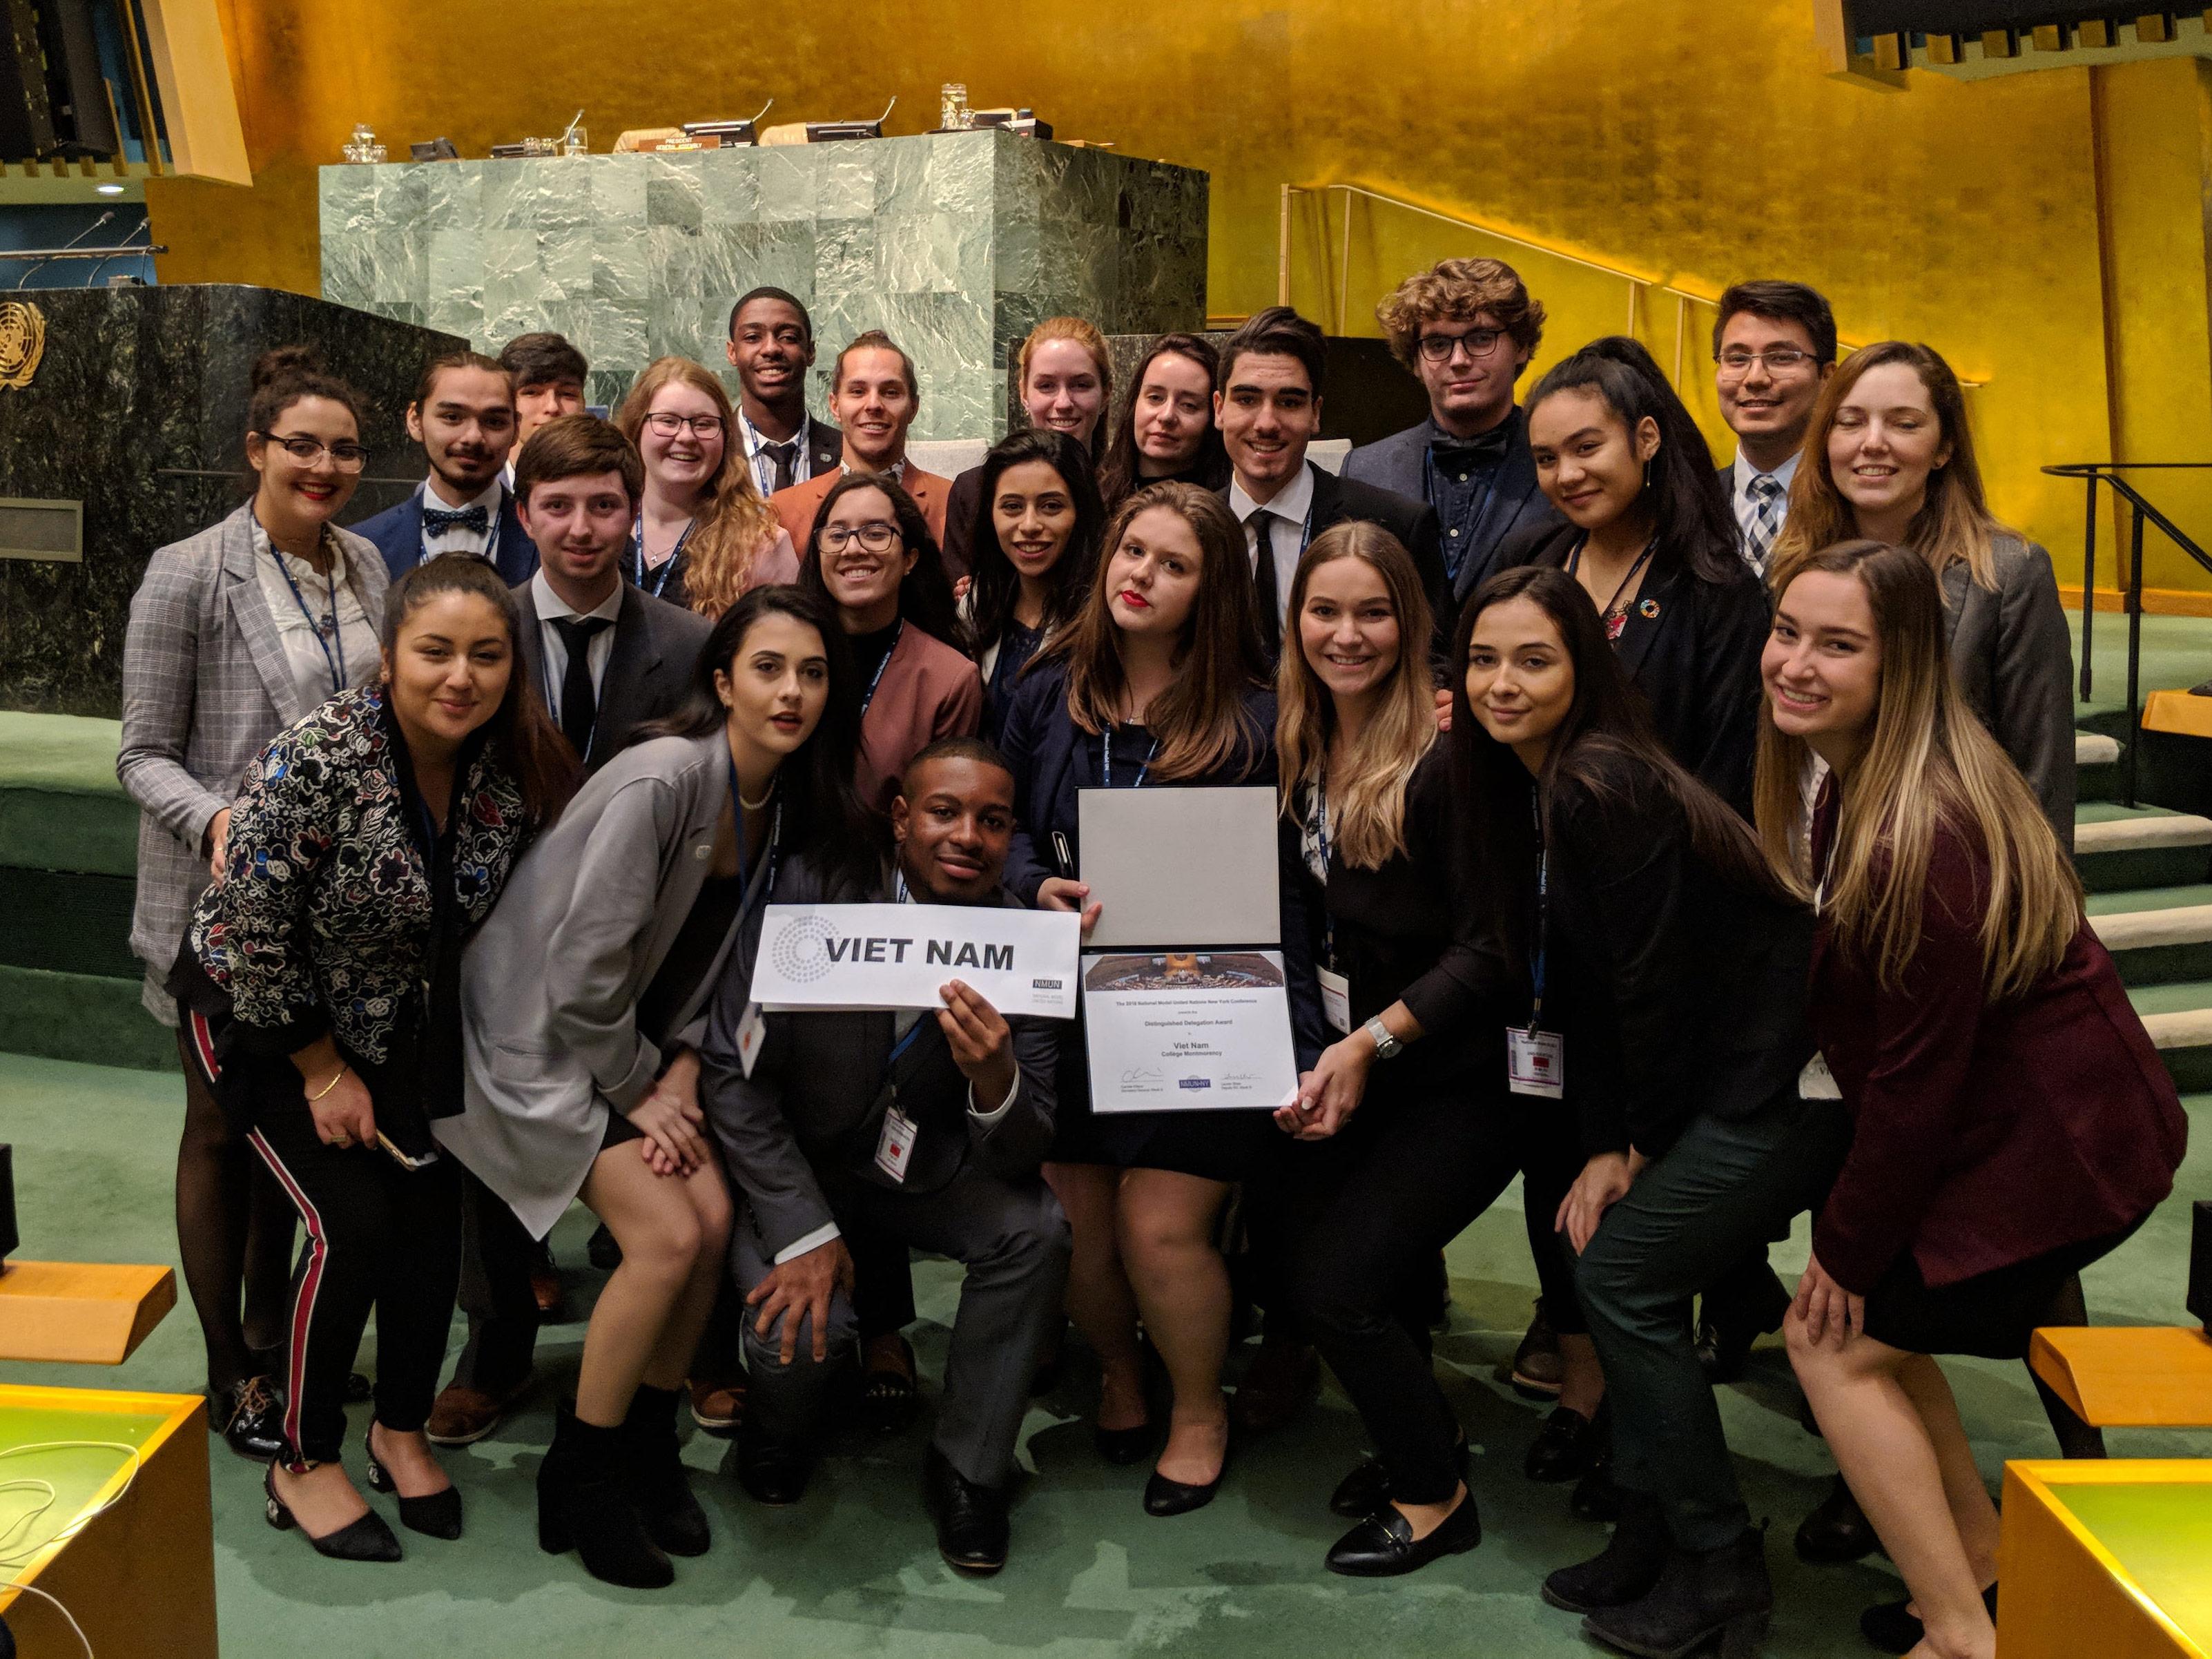 La délégation montmorencienne participant aux simulations de travaux de l'Organisation des Nations Unies (ONU) à New York a obtenu la mention Distinguished Delegation Award.